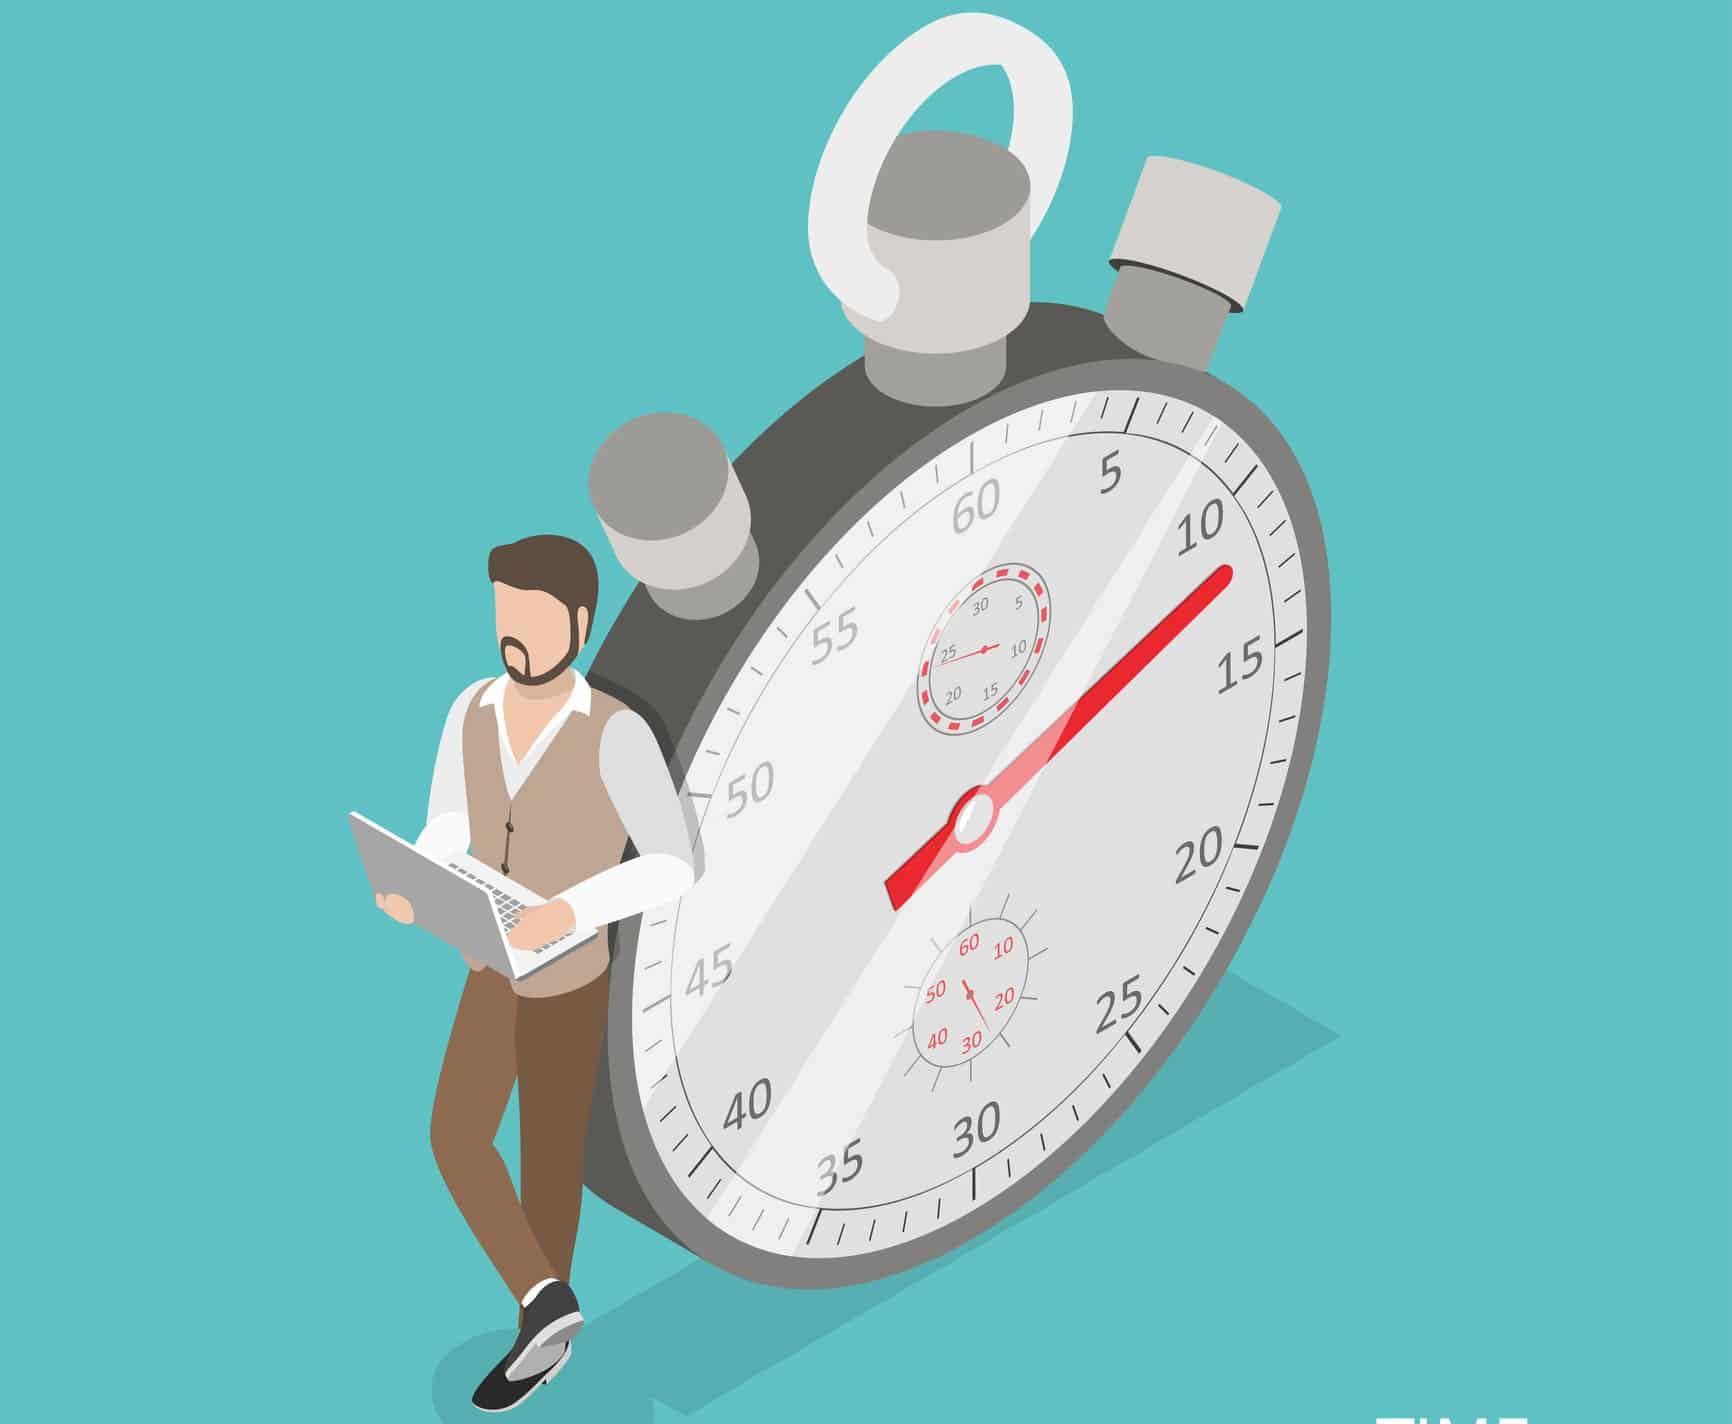 7 dicas essenciais de gerenciamento de tempo para otimizar sua performance